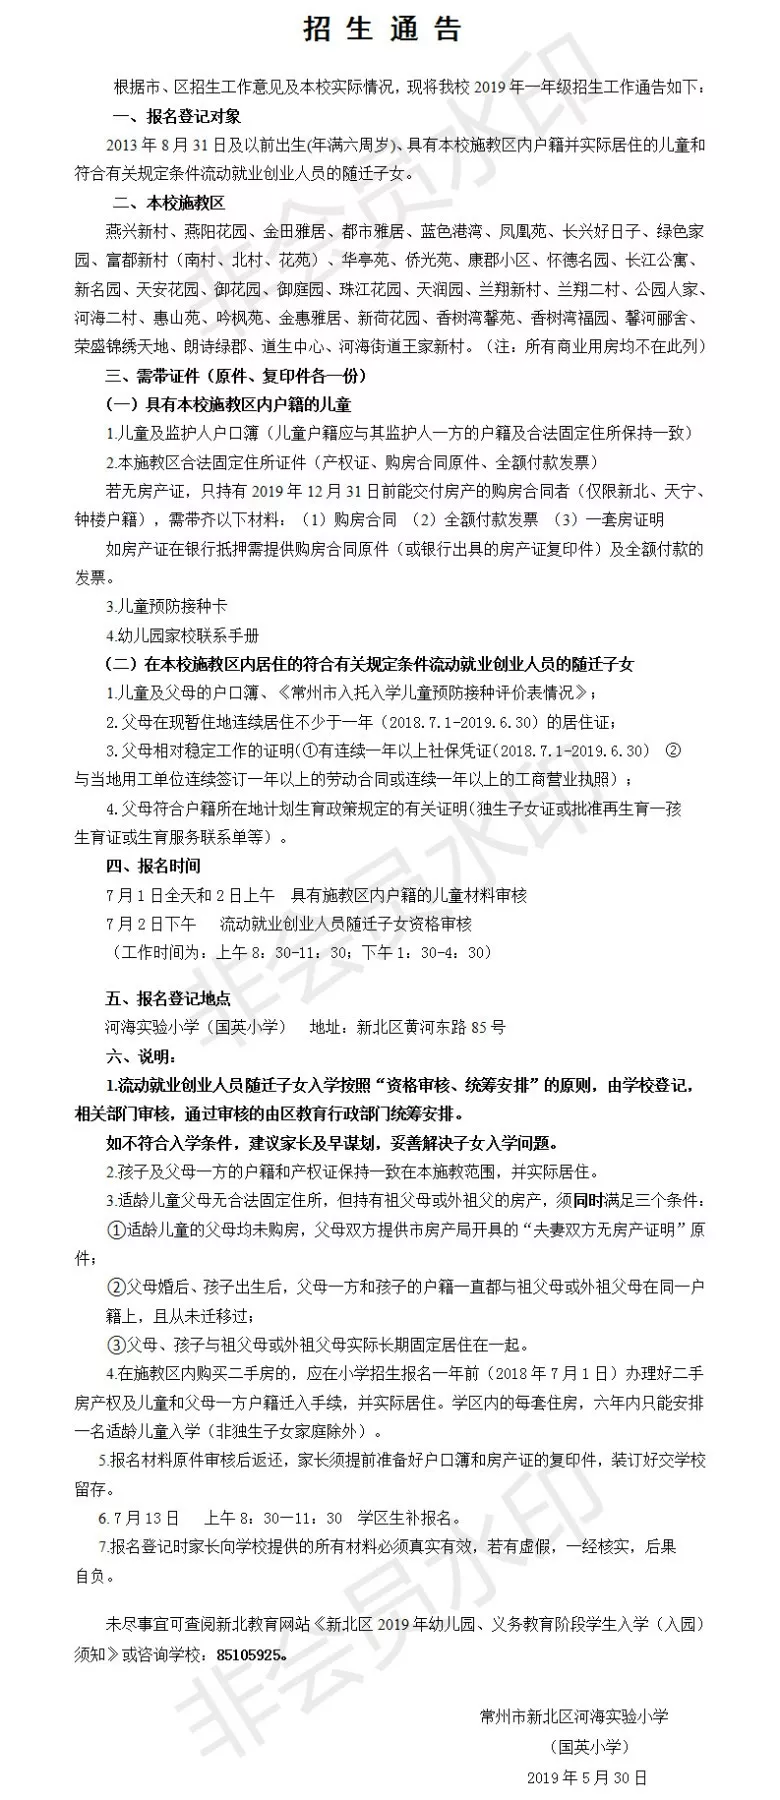 2019年常州各区小学秋季招生简章汇总(持续更新)